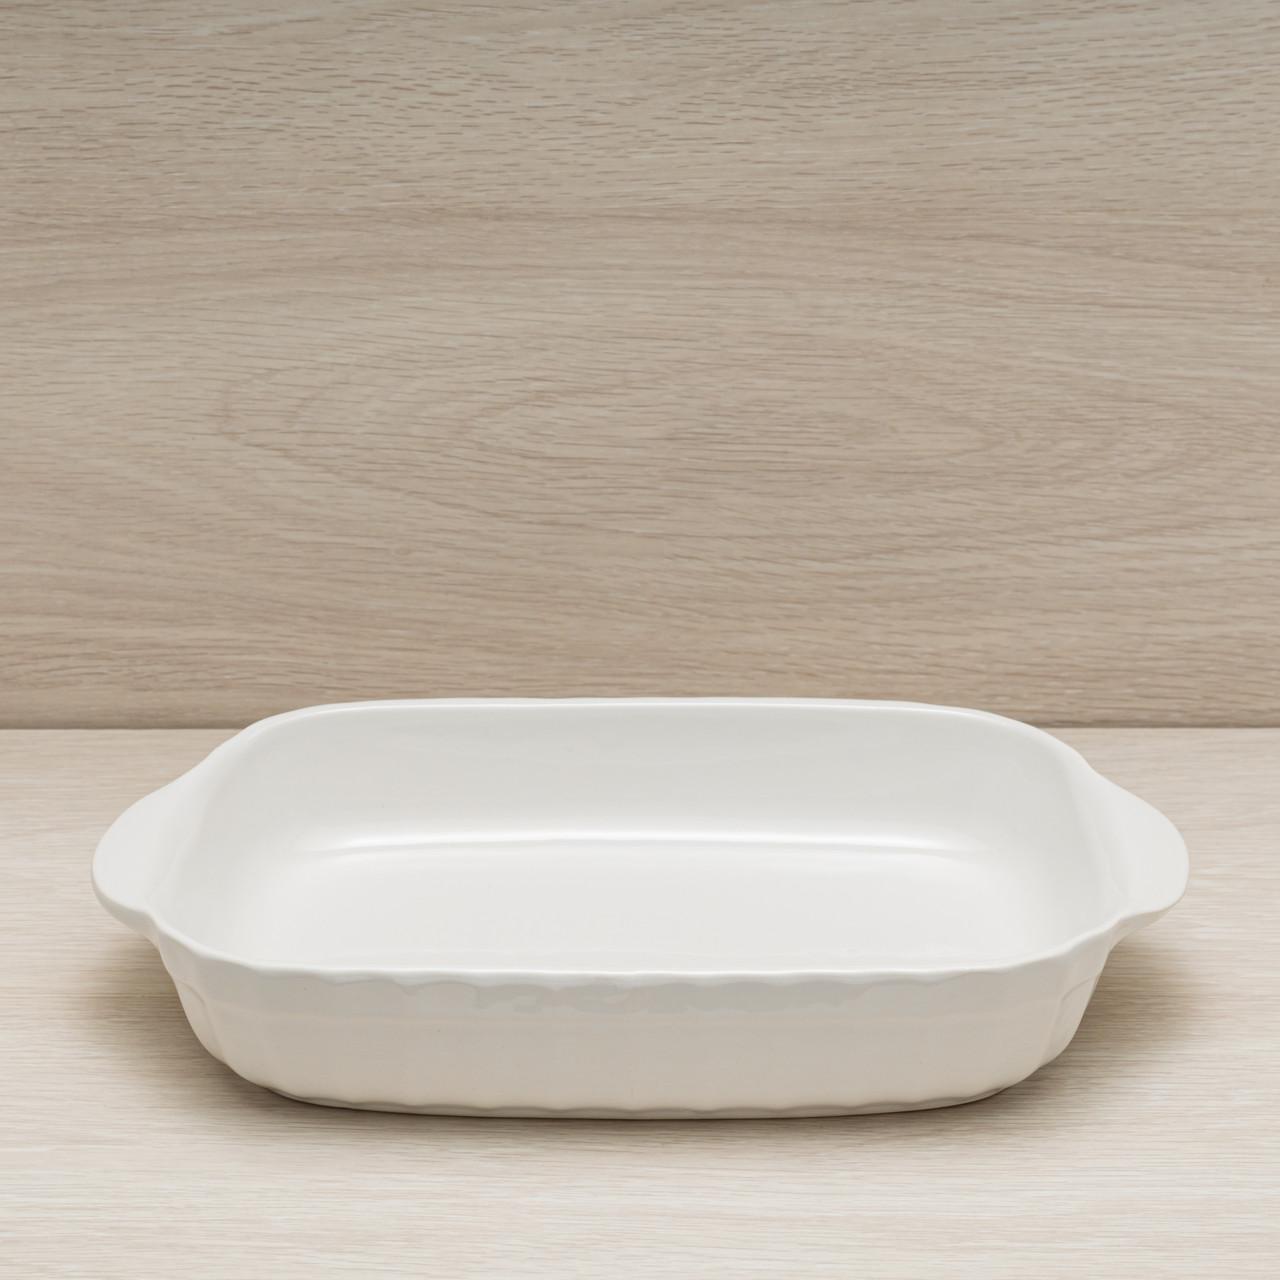 Противень керамический для запекания в духовке 1,7 л, белый